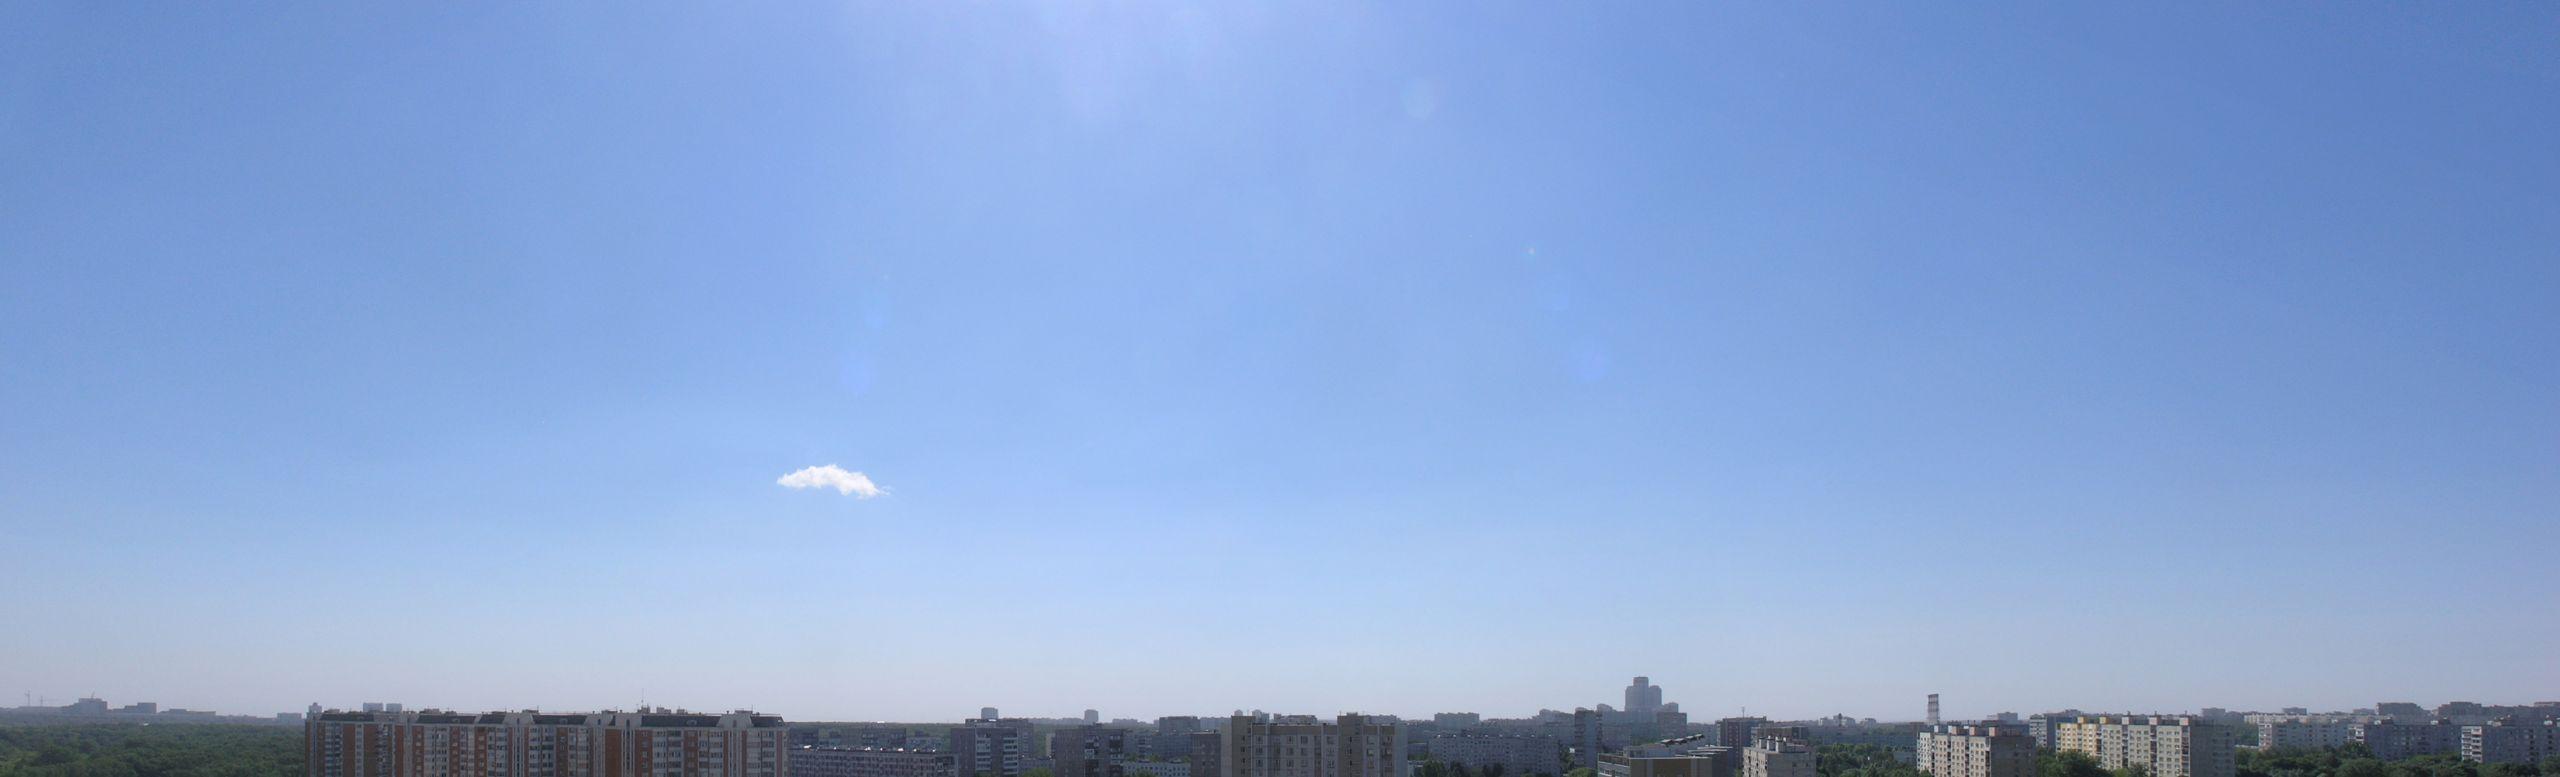 Небо. Облако.